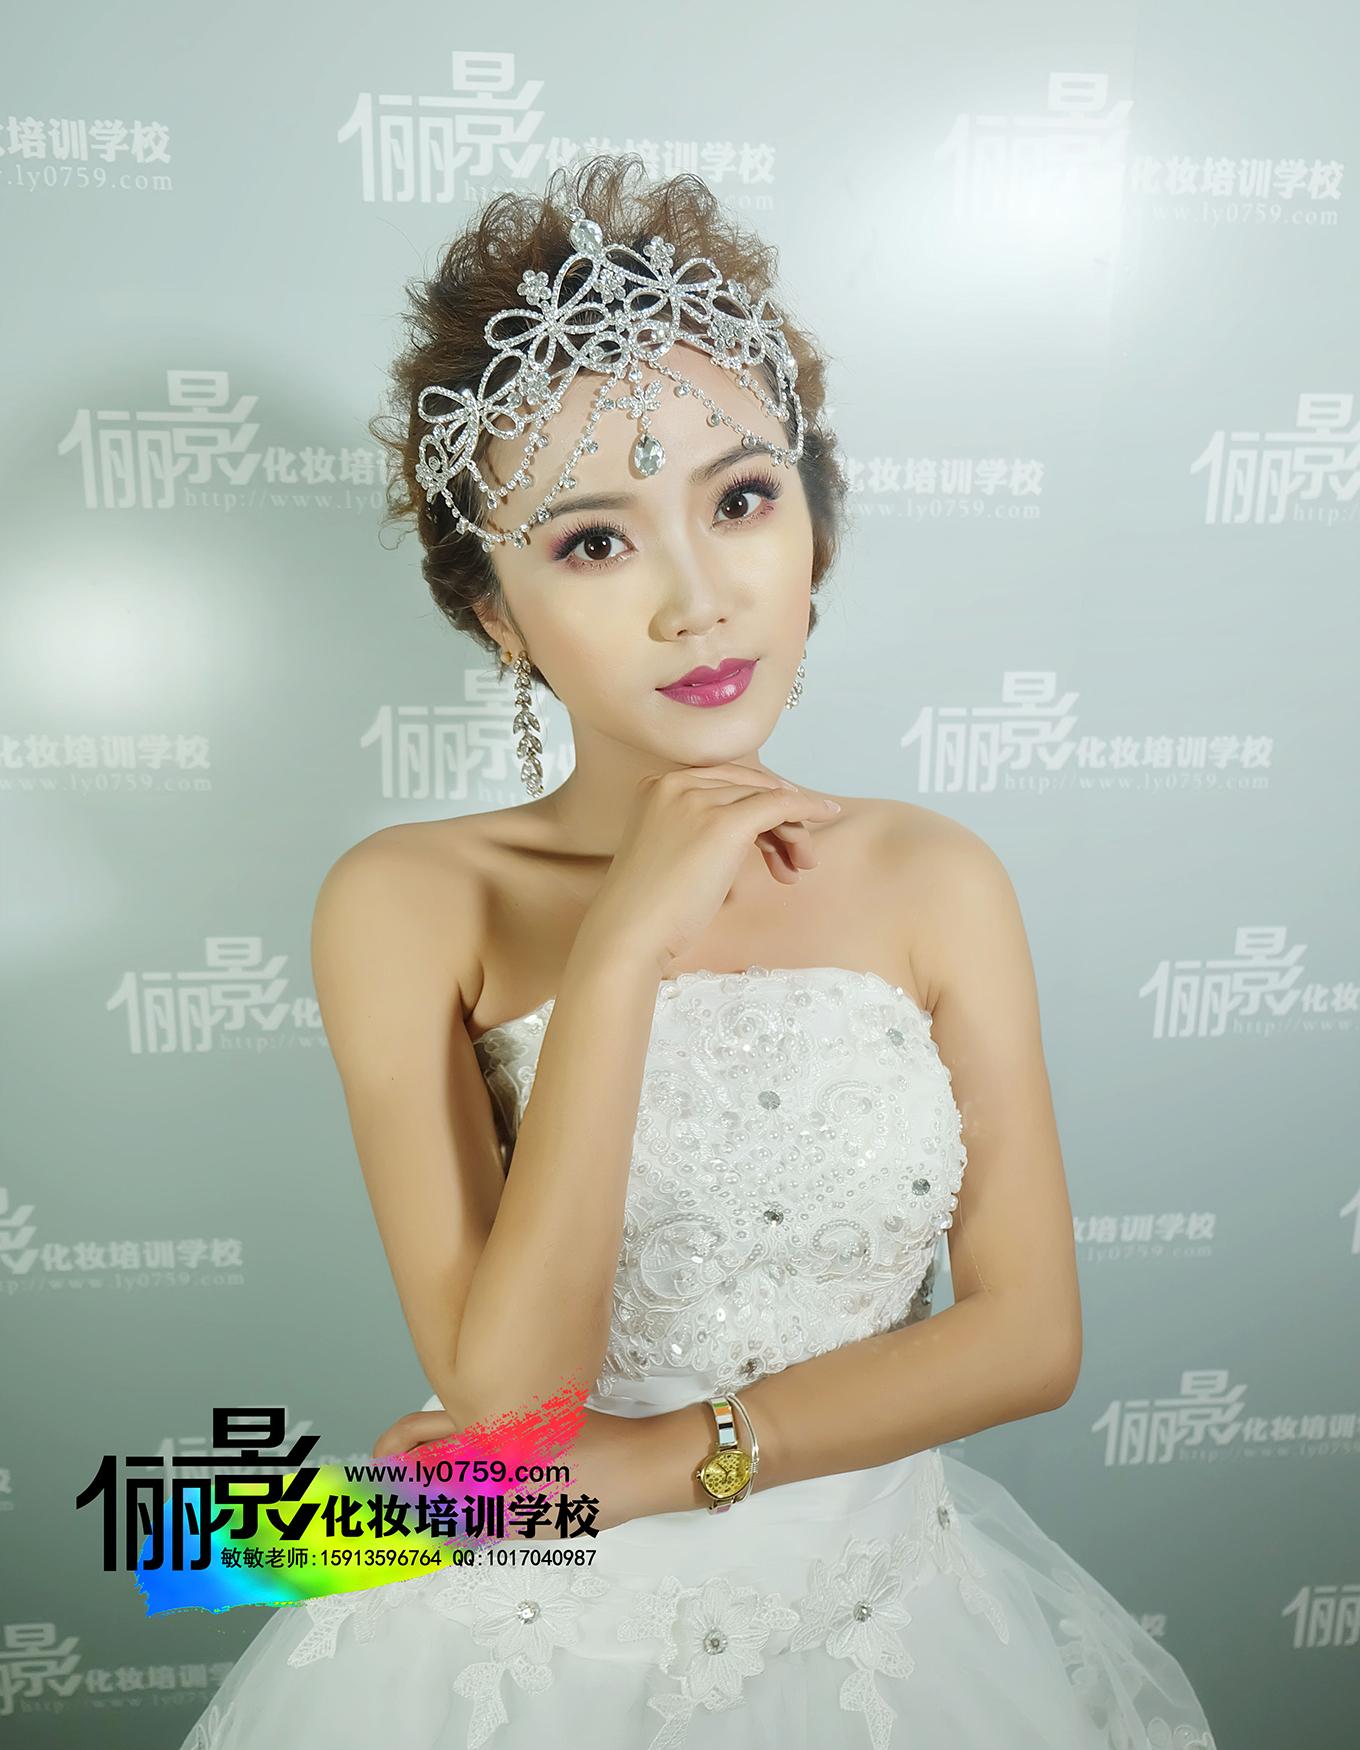 信譽良好的新娘化妝造型培訓就在湛江儷影化妝學校-服務好的湛江化妝造型學校